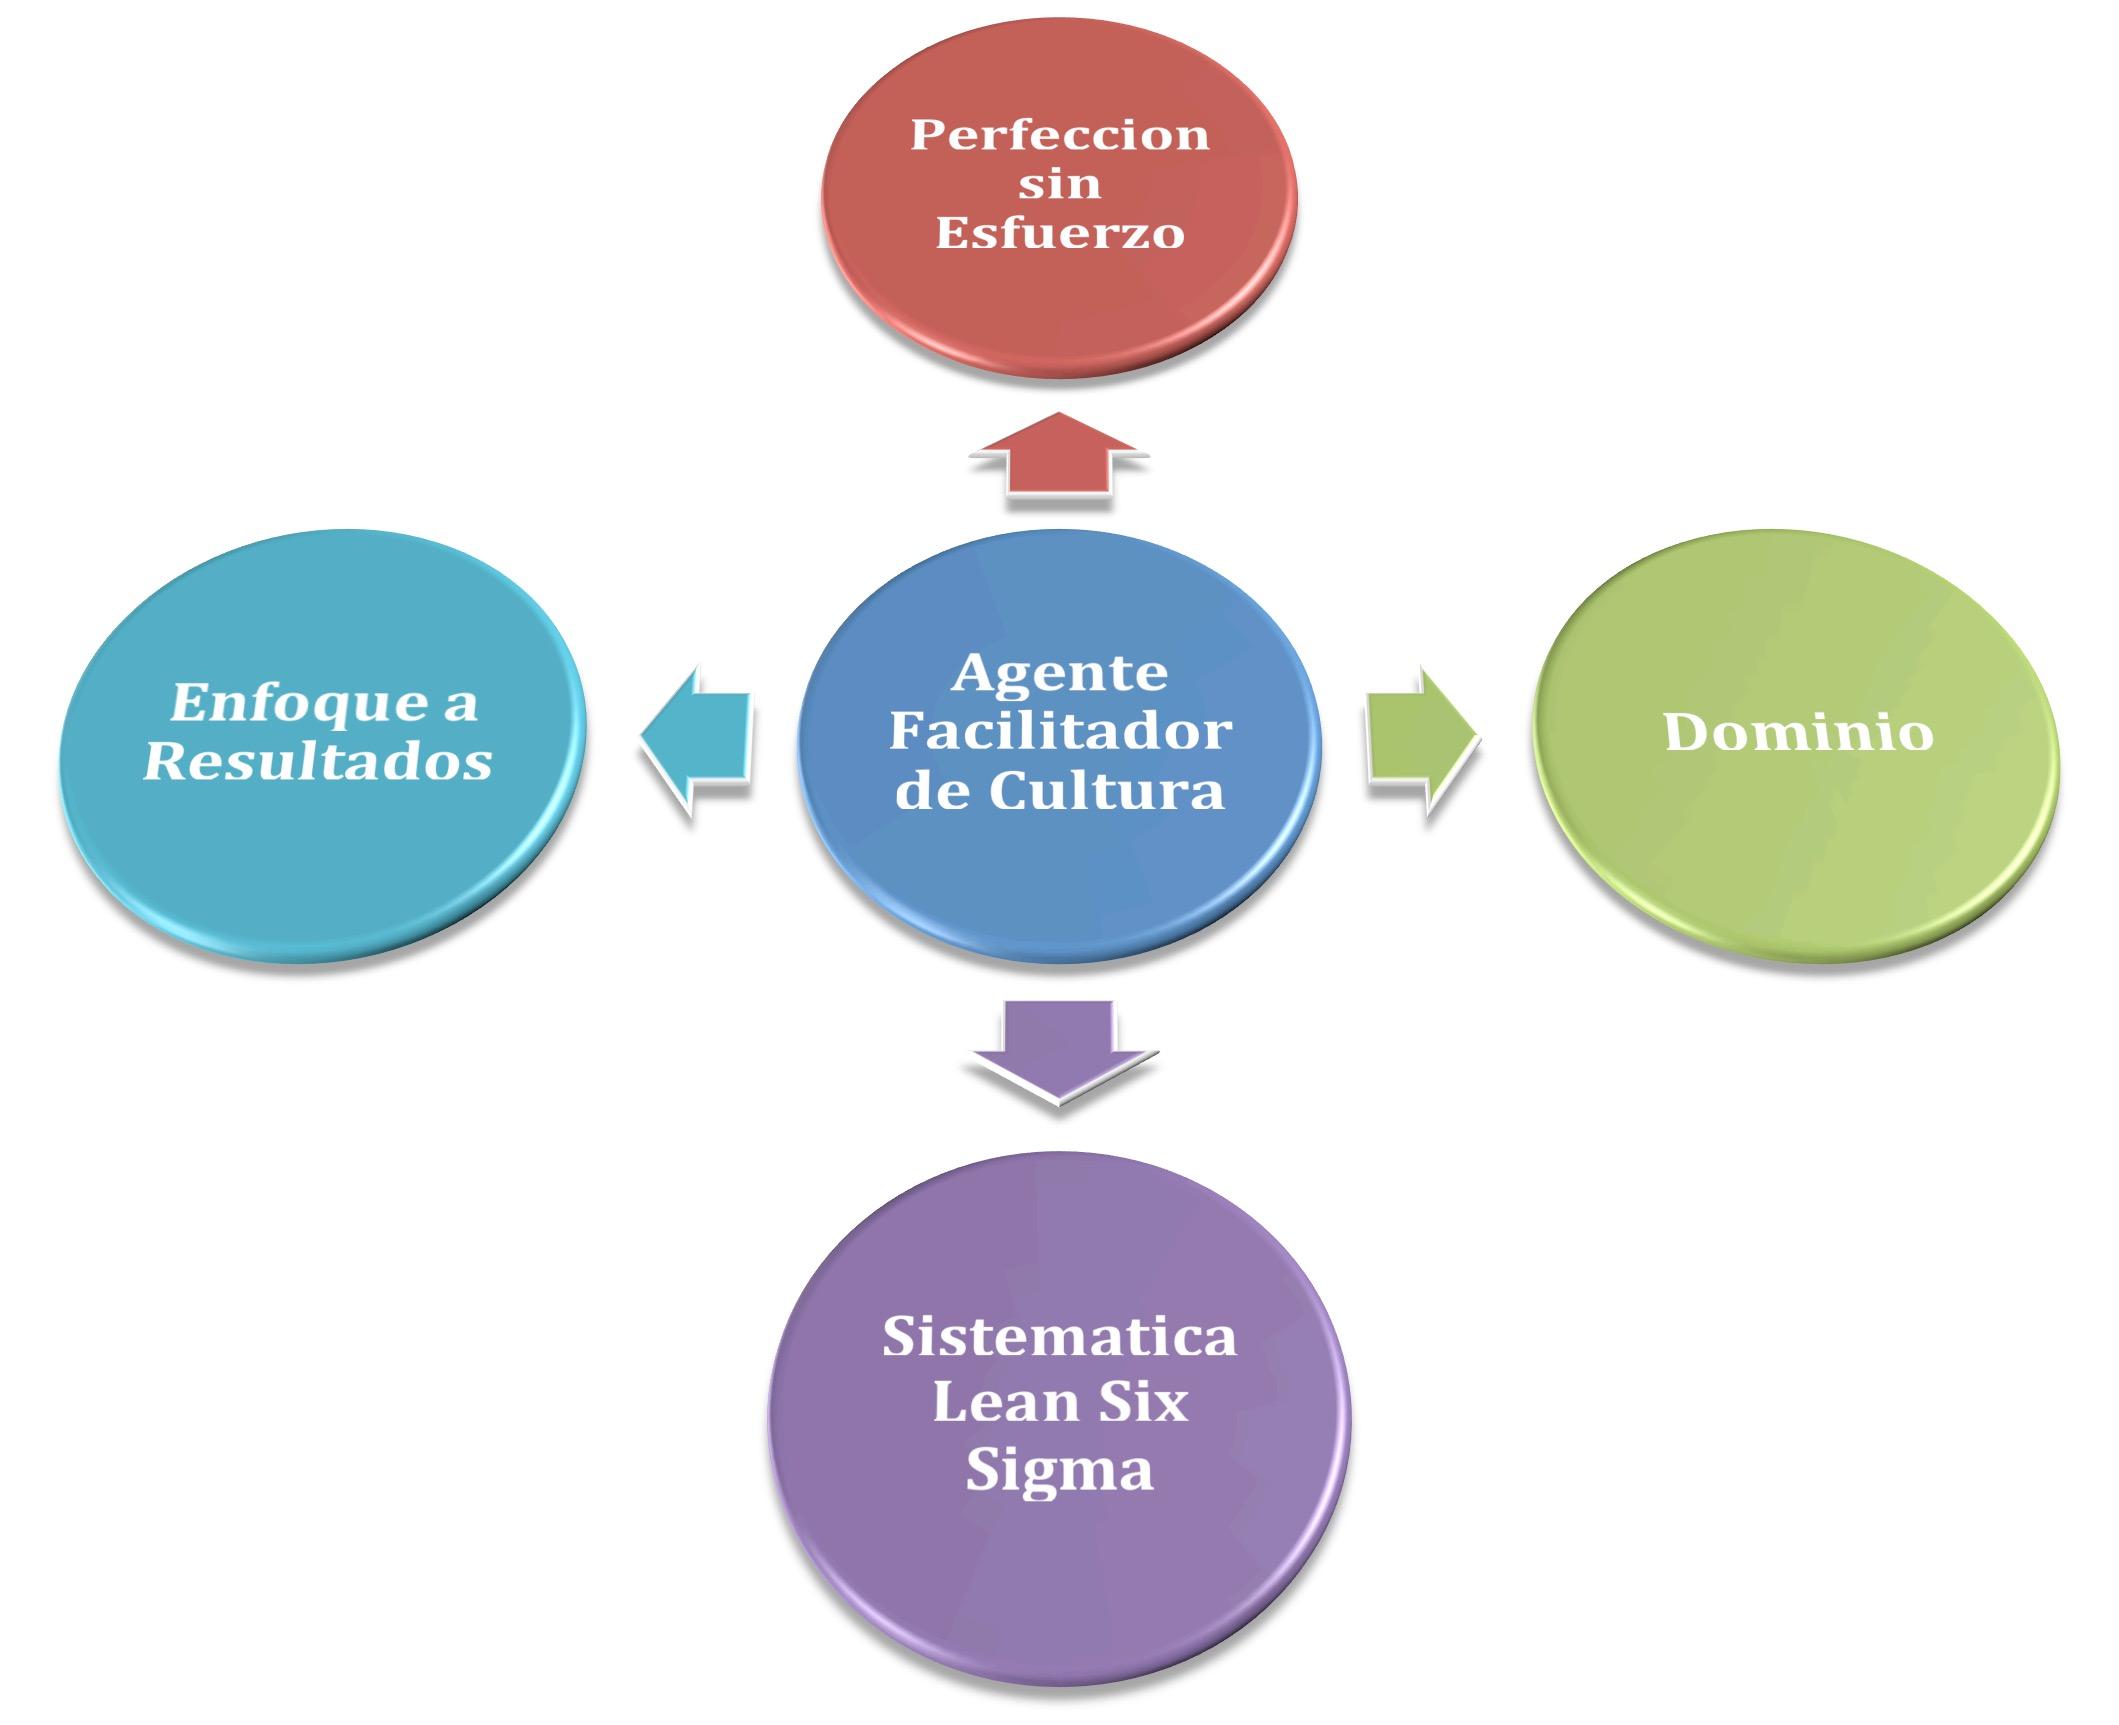 Criterios de evaluación de proyectos por nuestro jurado  Jgstnj